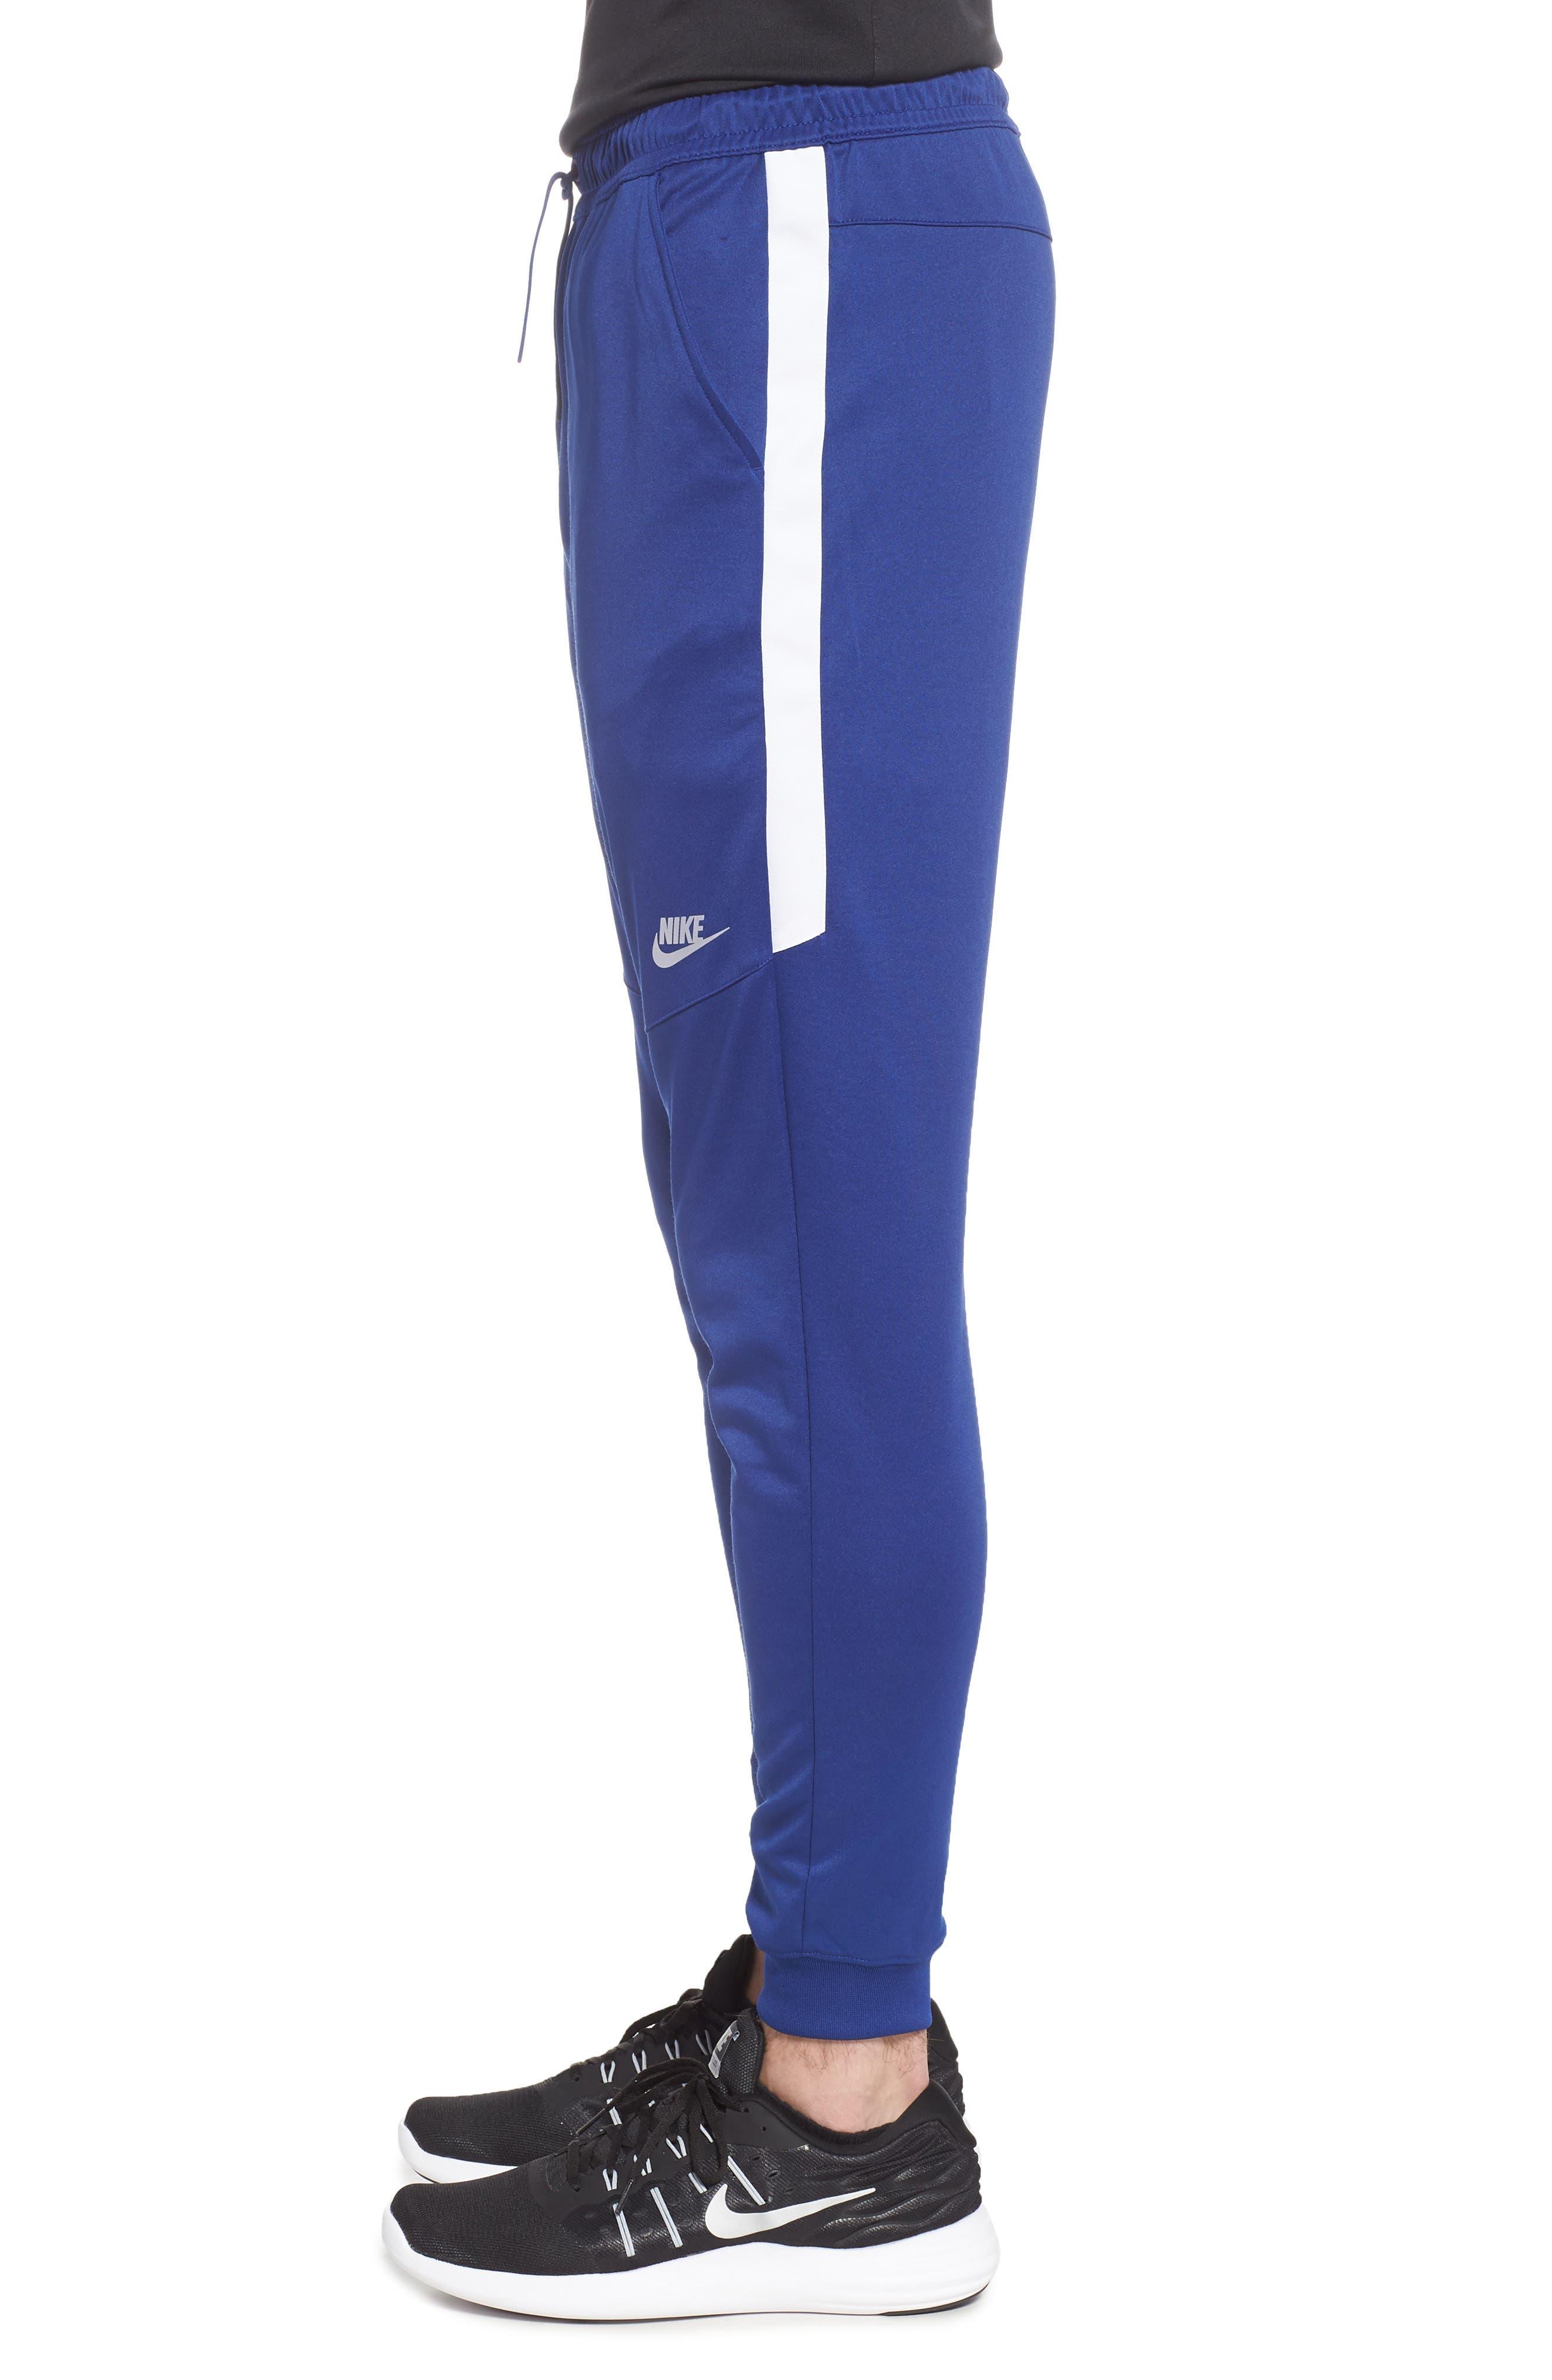 Tribute Jogger Pants,                             Alternate thumbnail 3, color,                             Deep Royal Blue/ White/ White